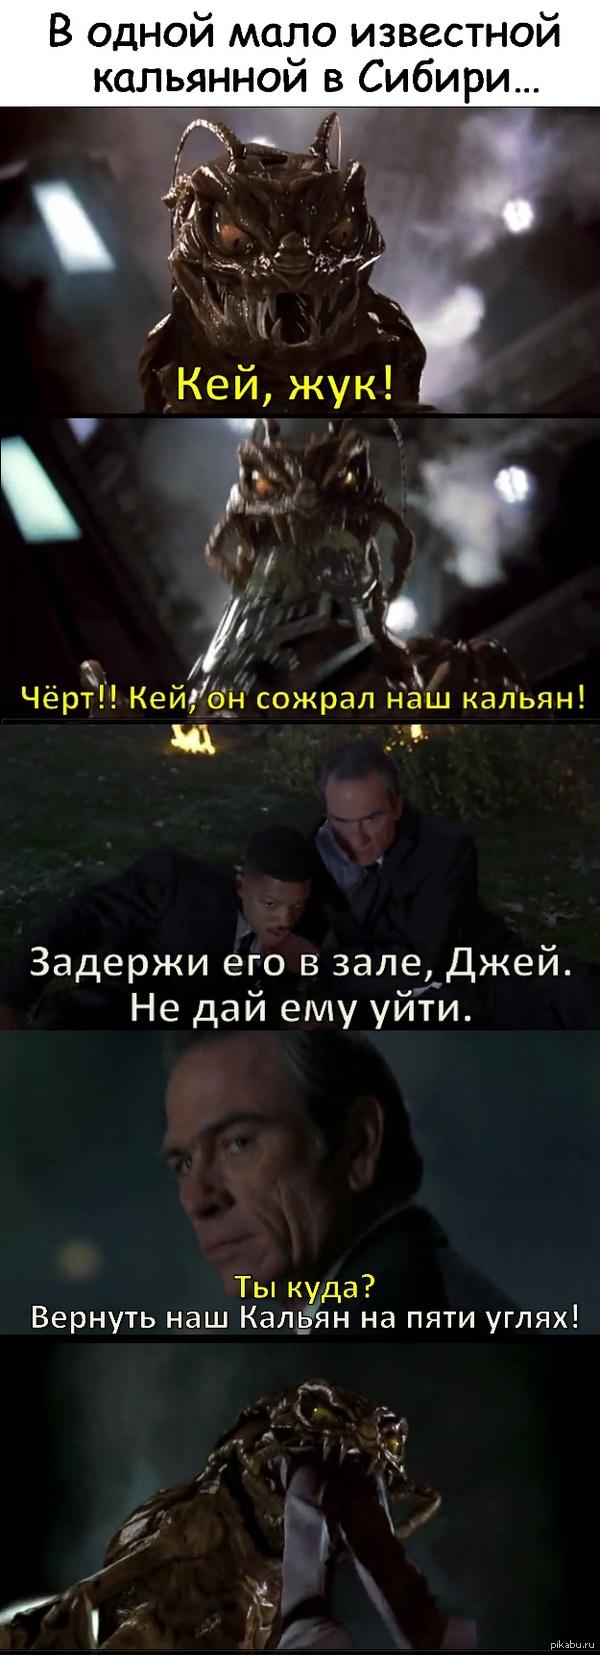 """Когда жук очень большой К посту <a href=""""http://pikabu.ru/story/nelovkiy_moment_kogda_v_kalyannoy_zhuk_3779664"""">http://pikabu.ru/story/_3779664</a>"""